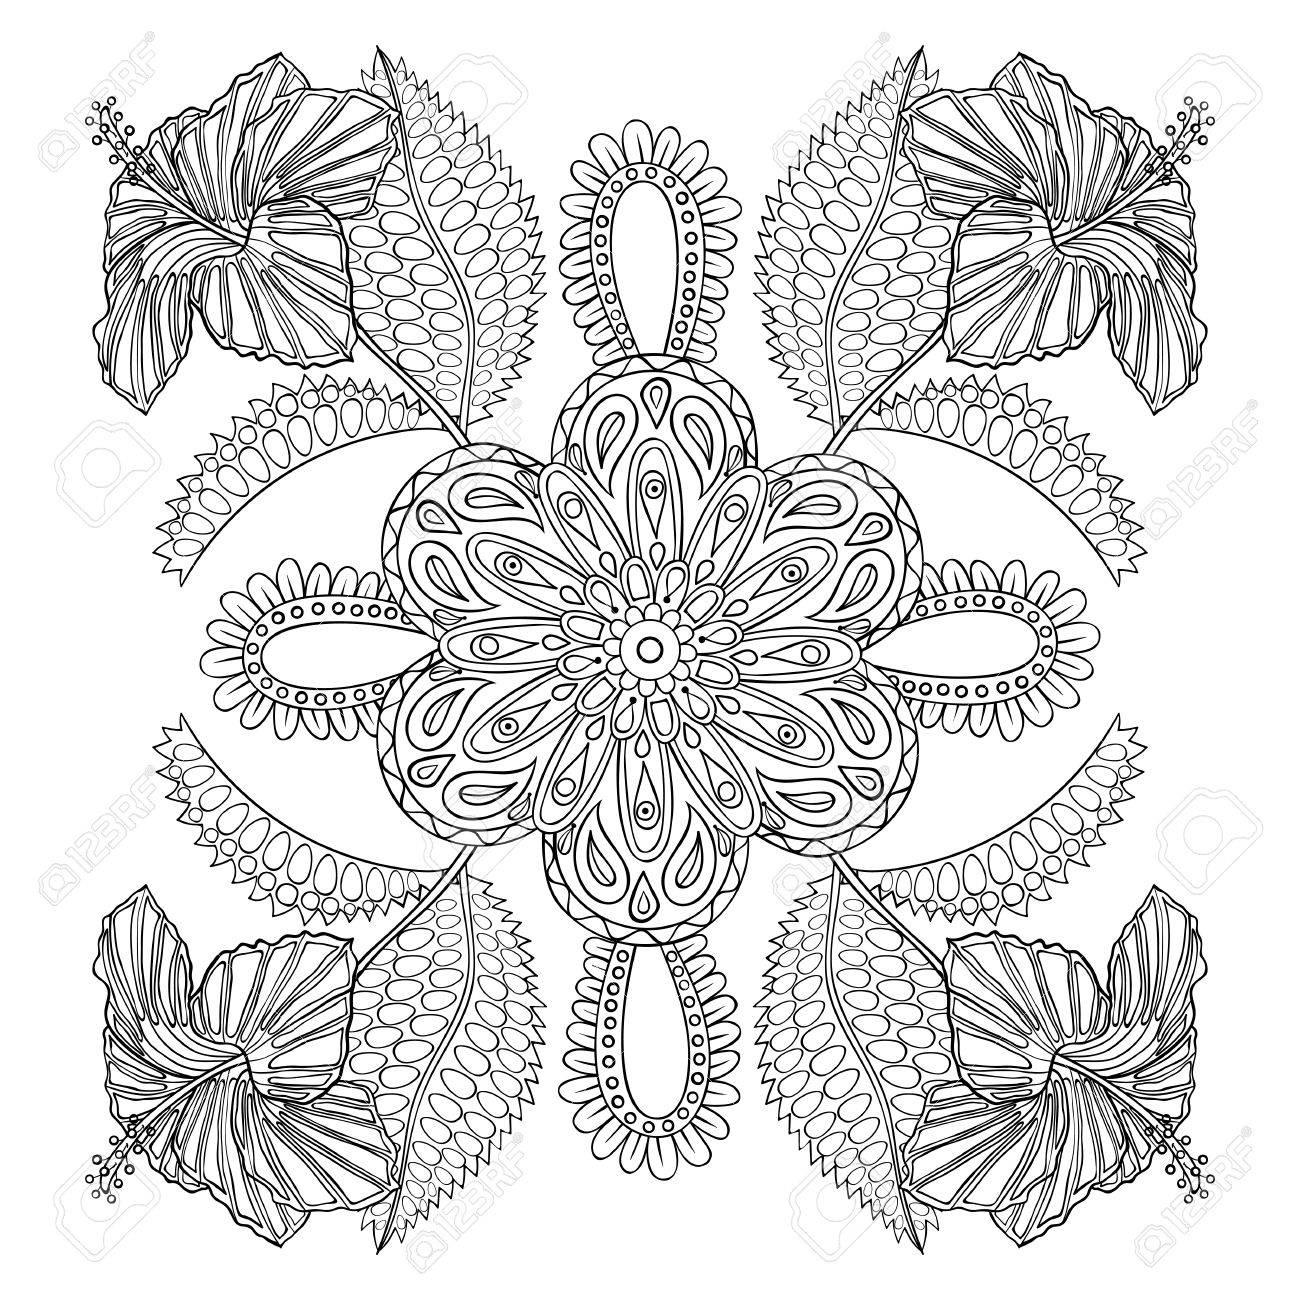 Página Para Colorear Con Flores Exóticas Almuerzo Illustartion